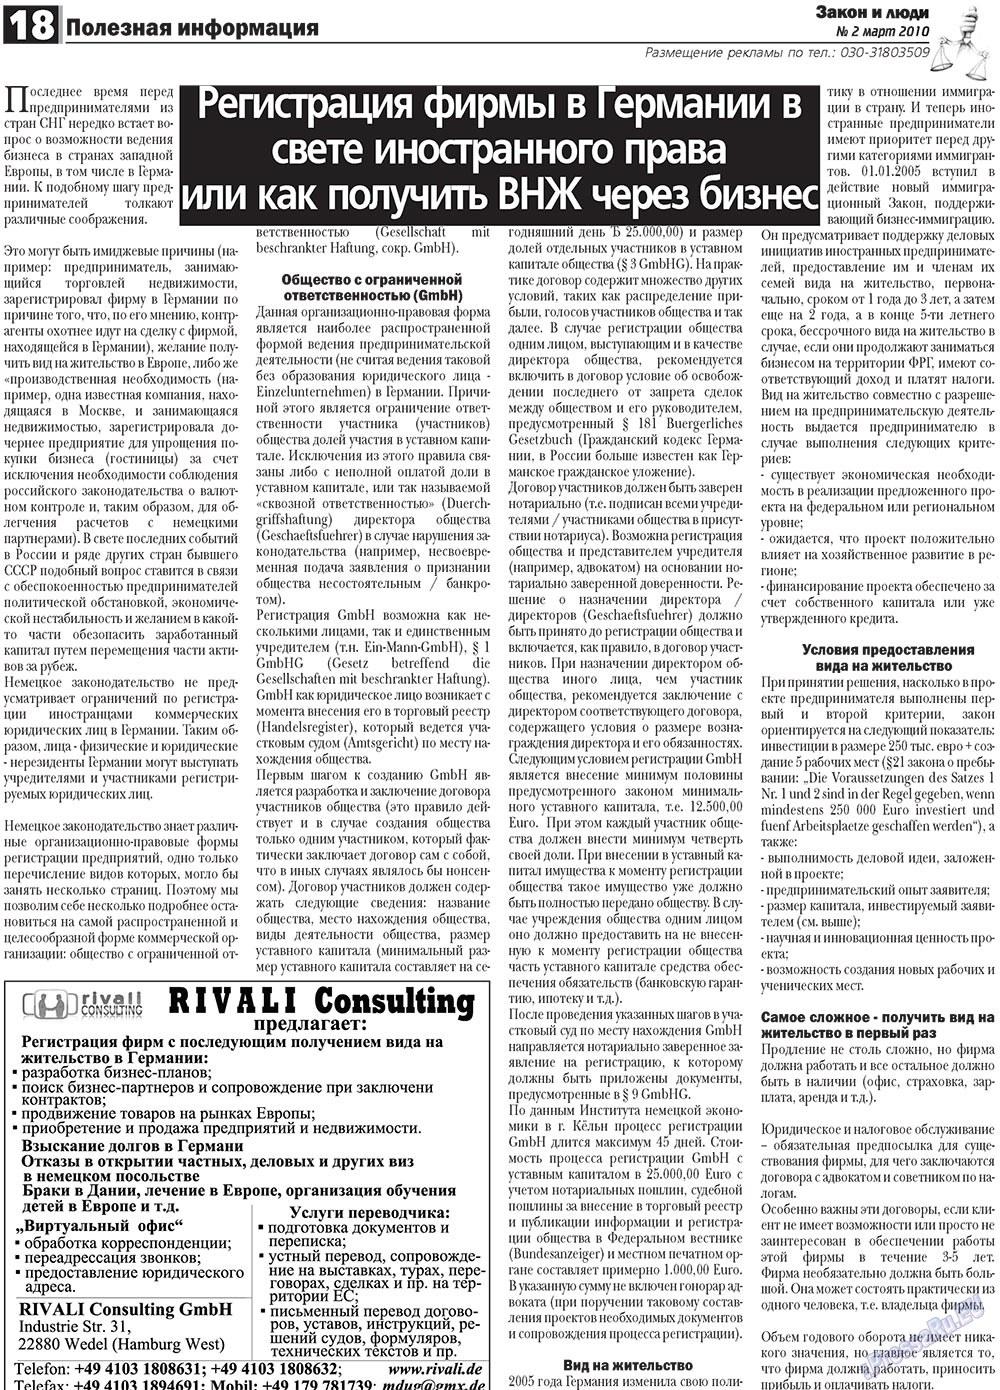 Закон и люди (газета). 2010 год, номер 2, стр. 18